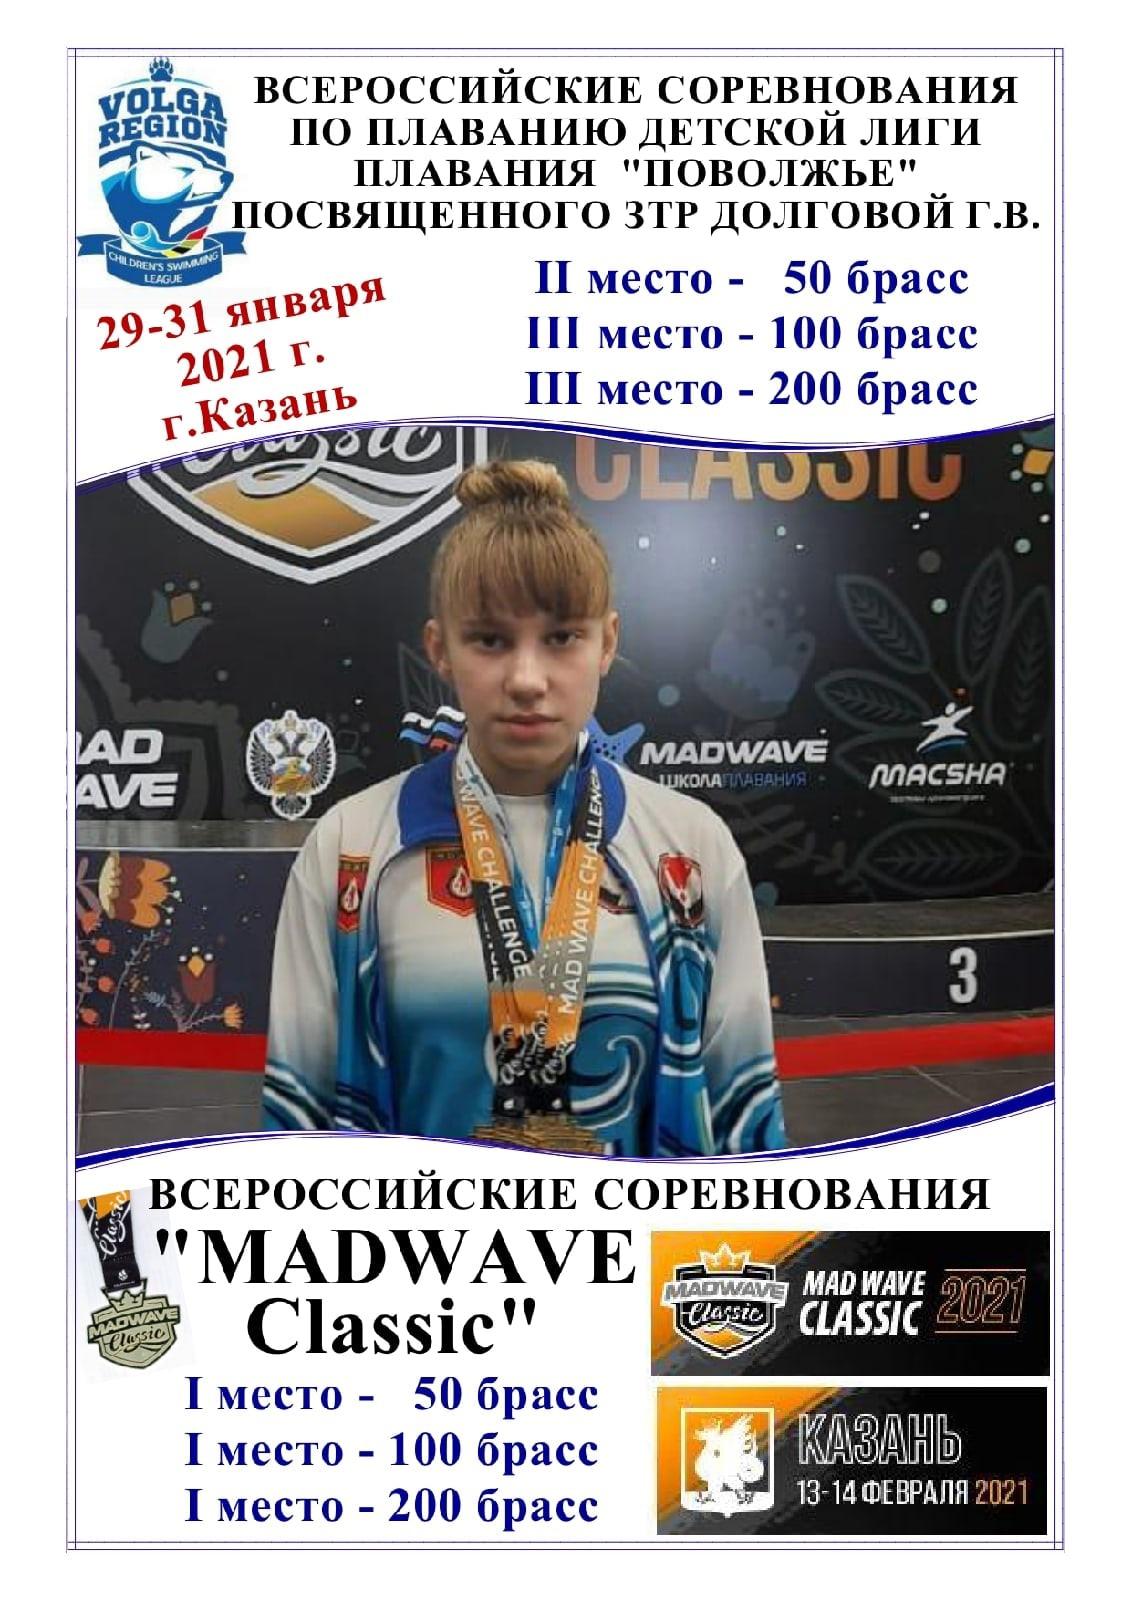 Шесть медалей привезла можгинская школьница со Всероссийских